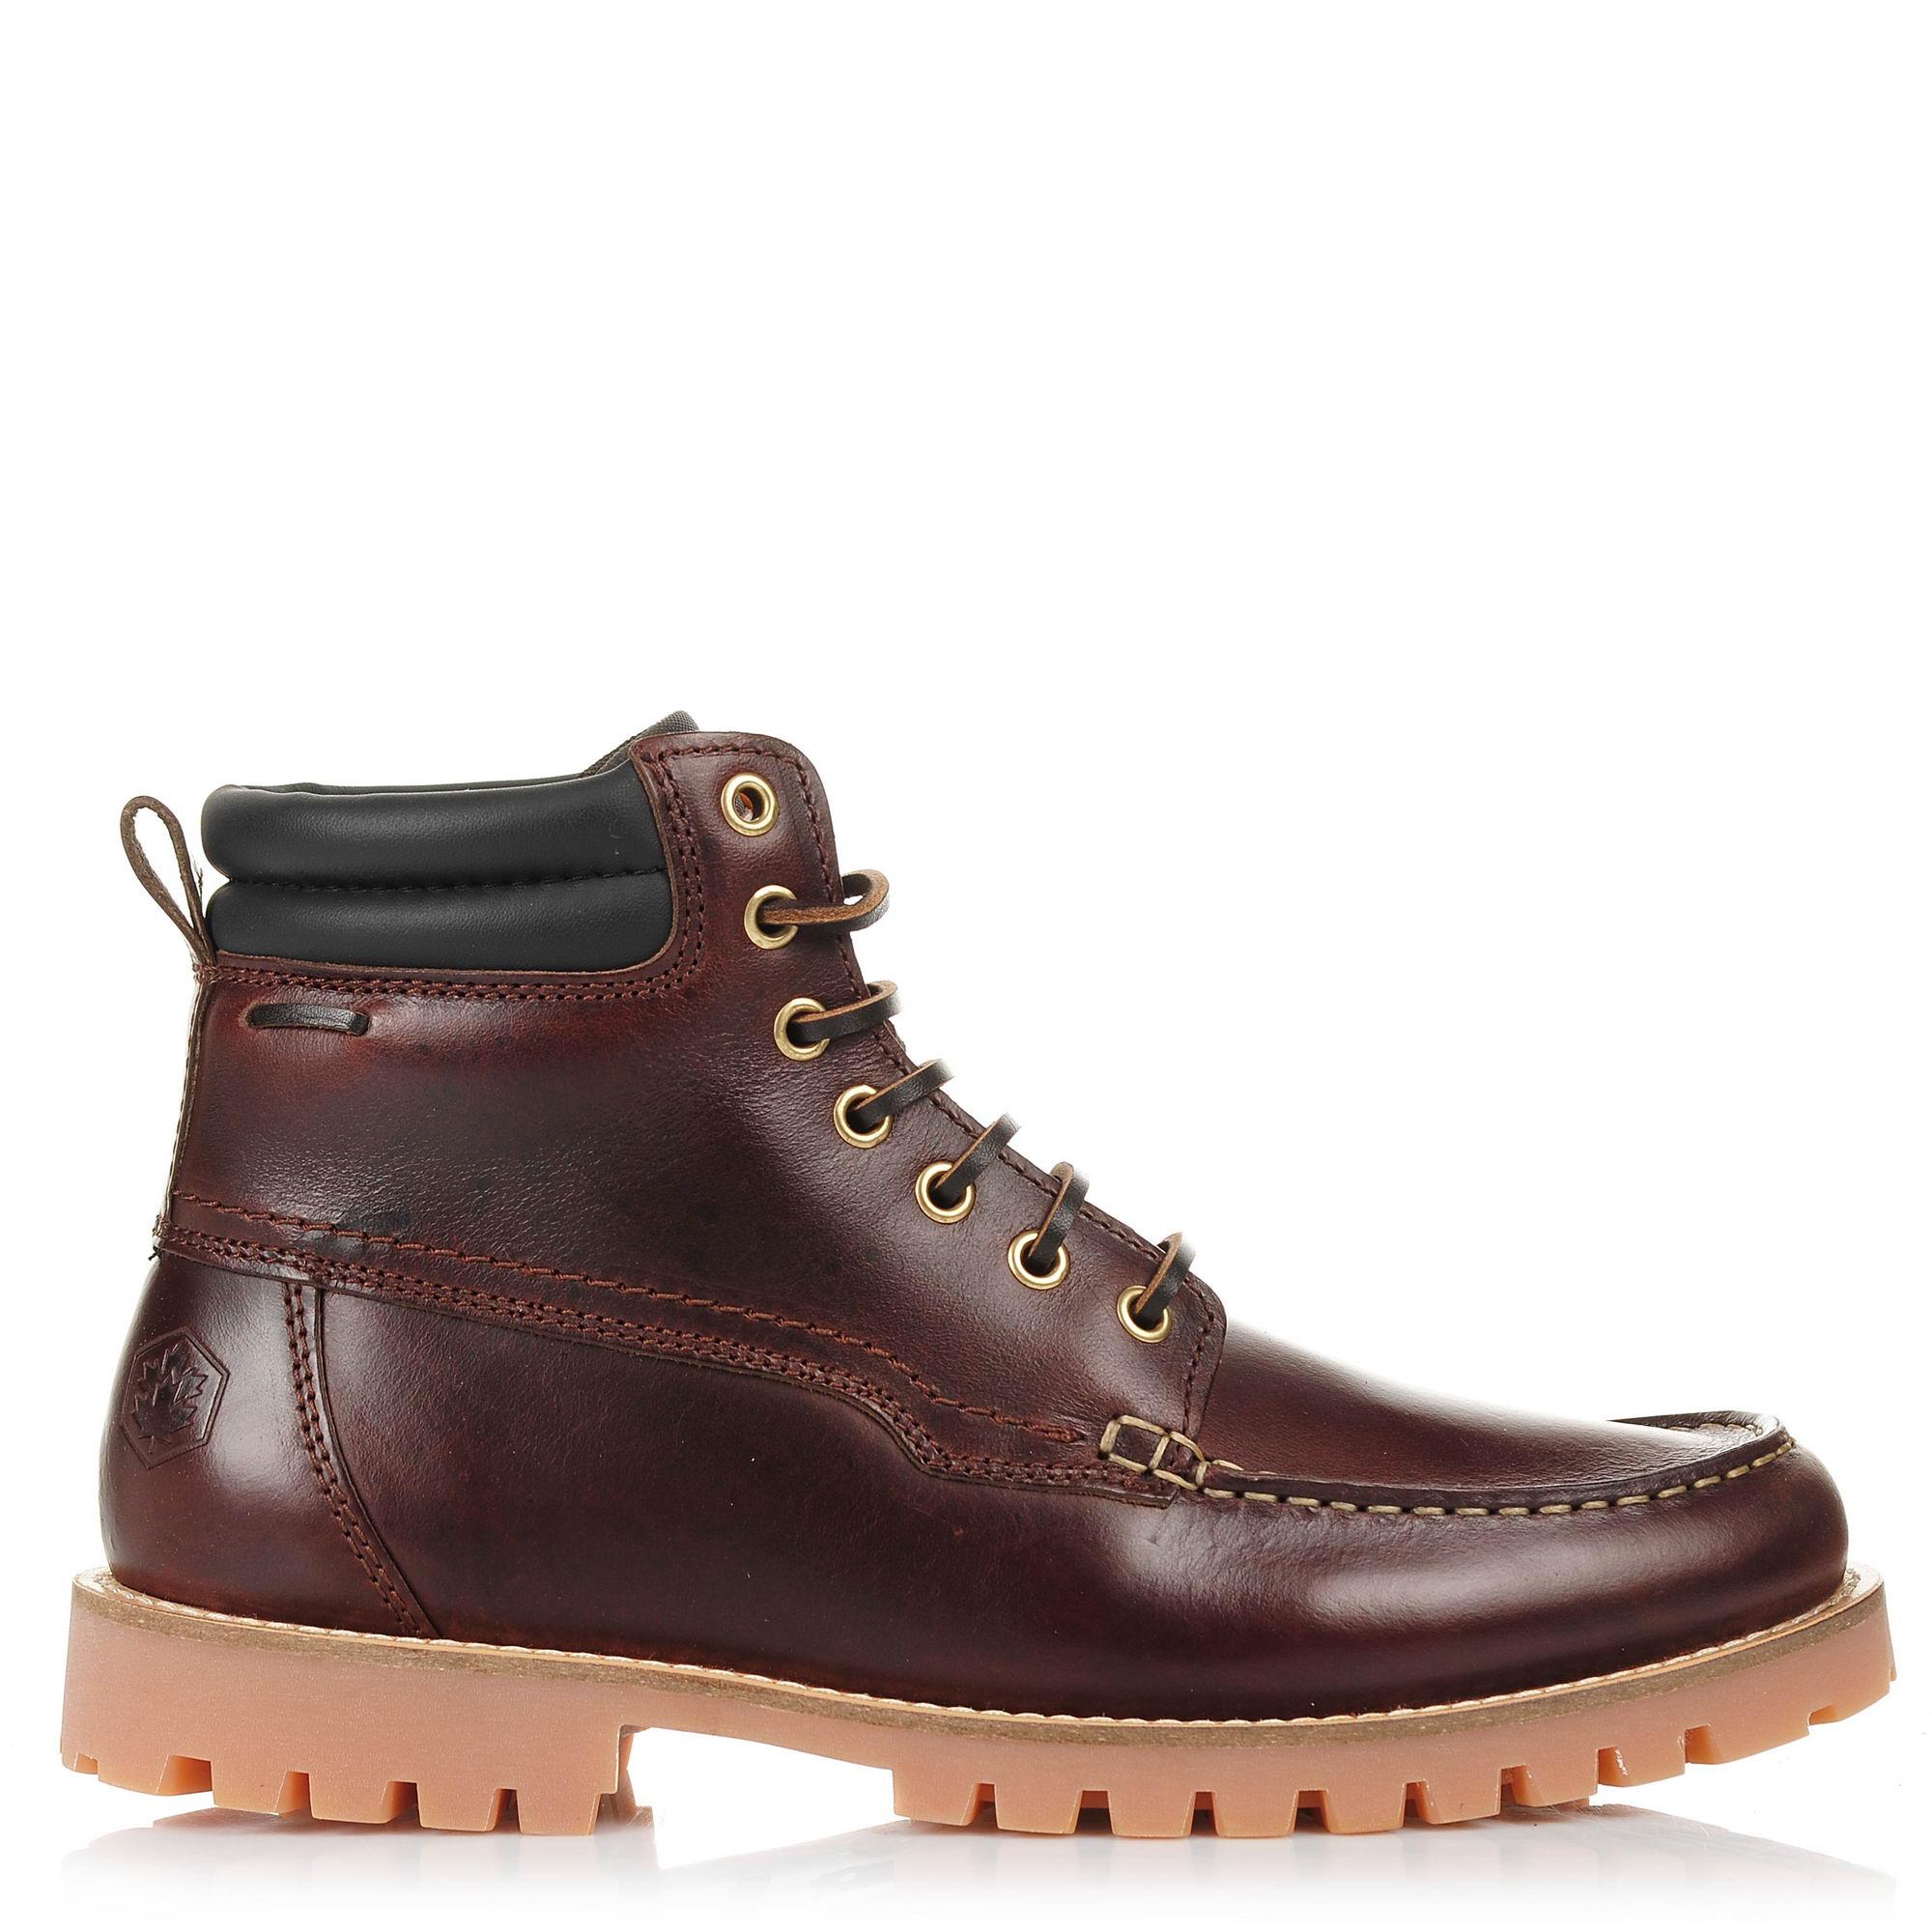 Δερμάτινα Μποτάκια Lumberjack Manitoba SM33401-001 B03 ανδρας   ανδρικό παπούτσι